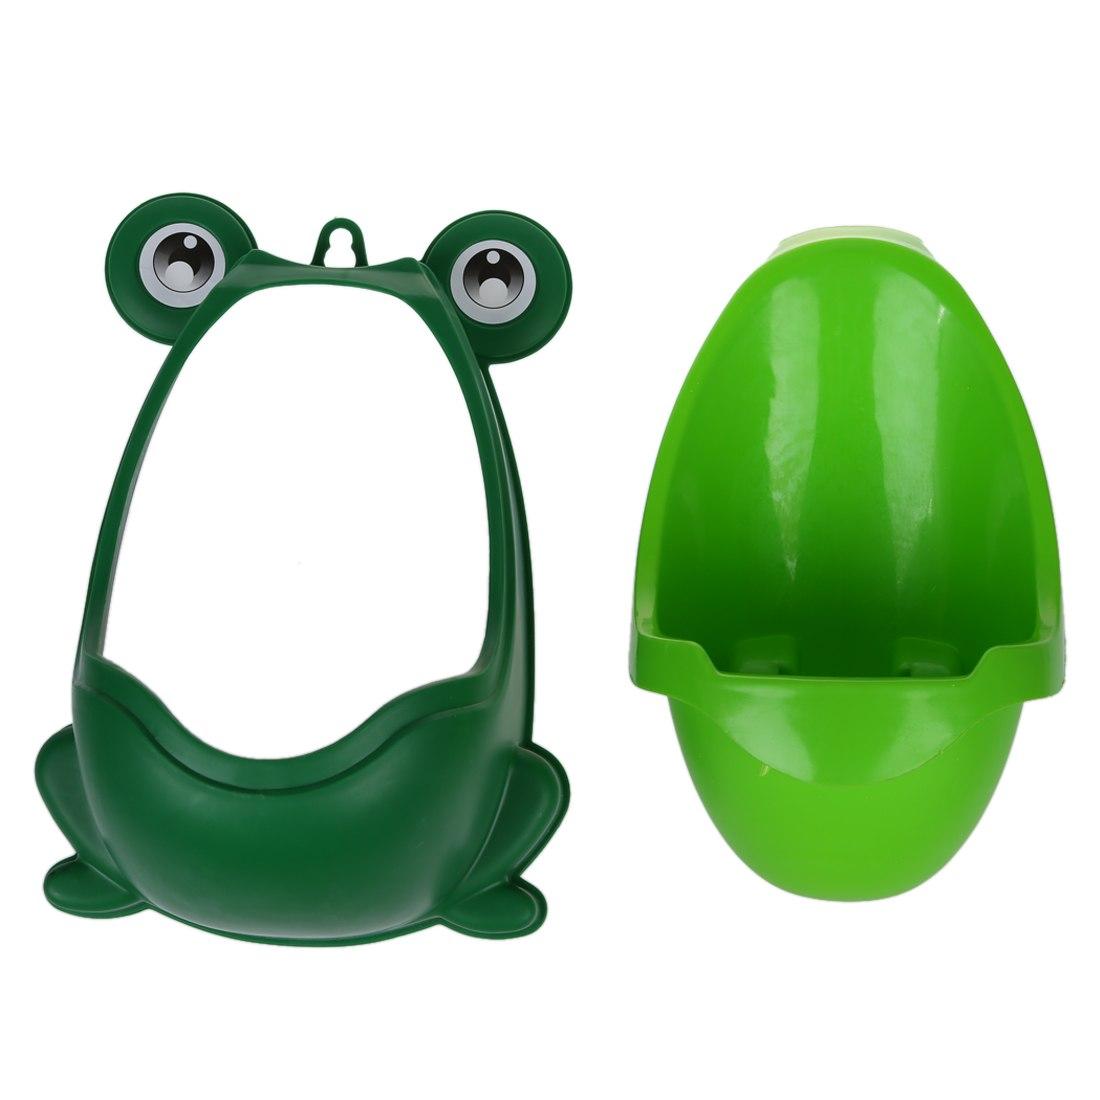 [해외]뜨거운 판매 아기 소년 아이 유아 사소한 훈련 오줌 트레이너 미니 화장실 (개구리 녹색)